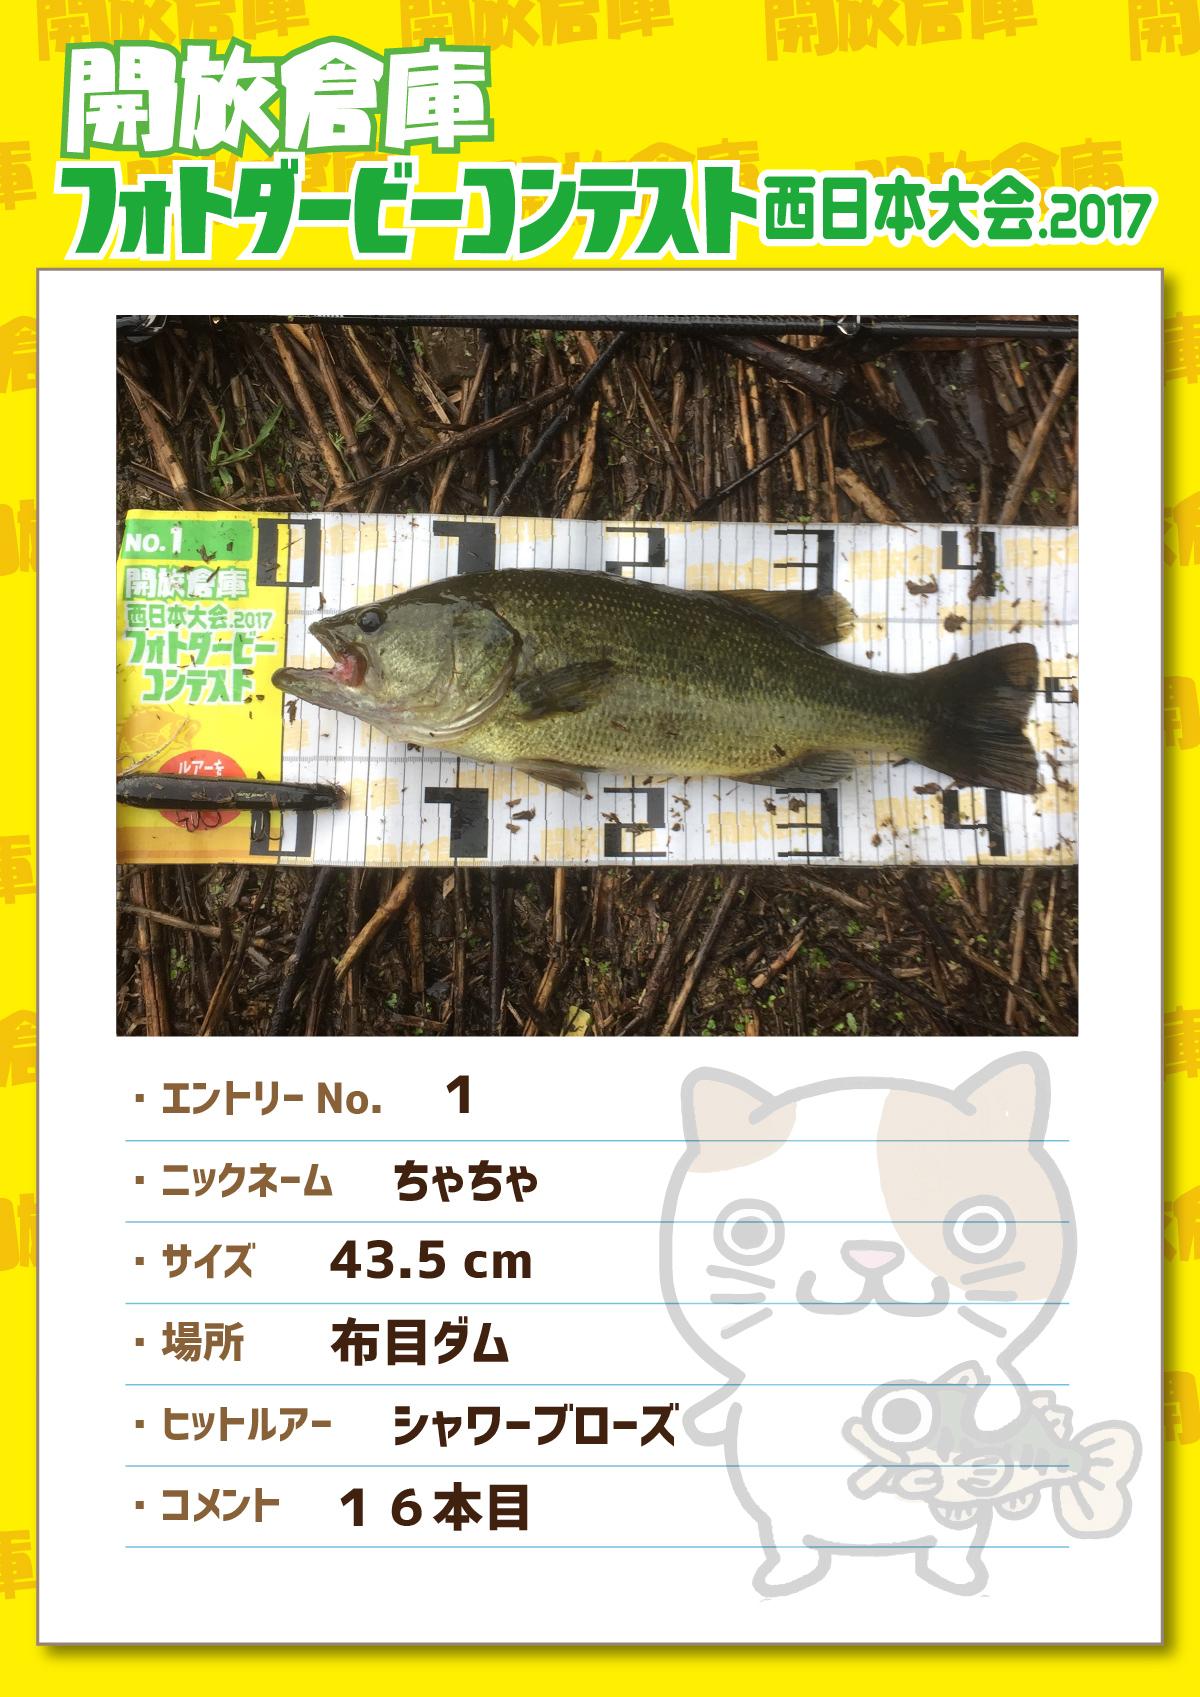 No.001 ちゃちゃ 43.5cm 布目ダム シャワーブローズ 16本目